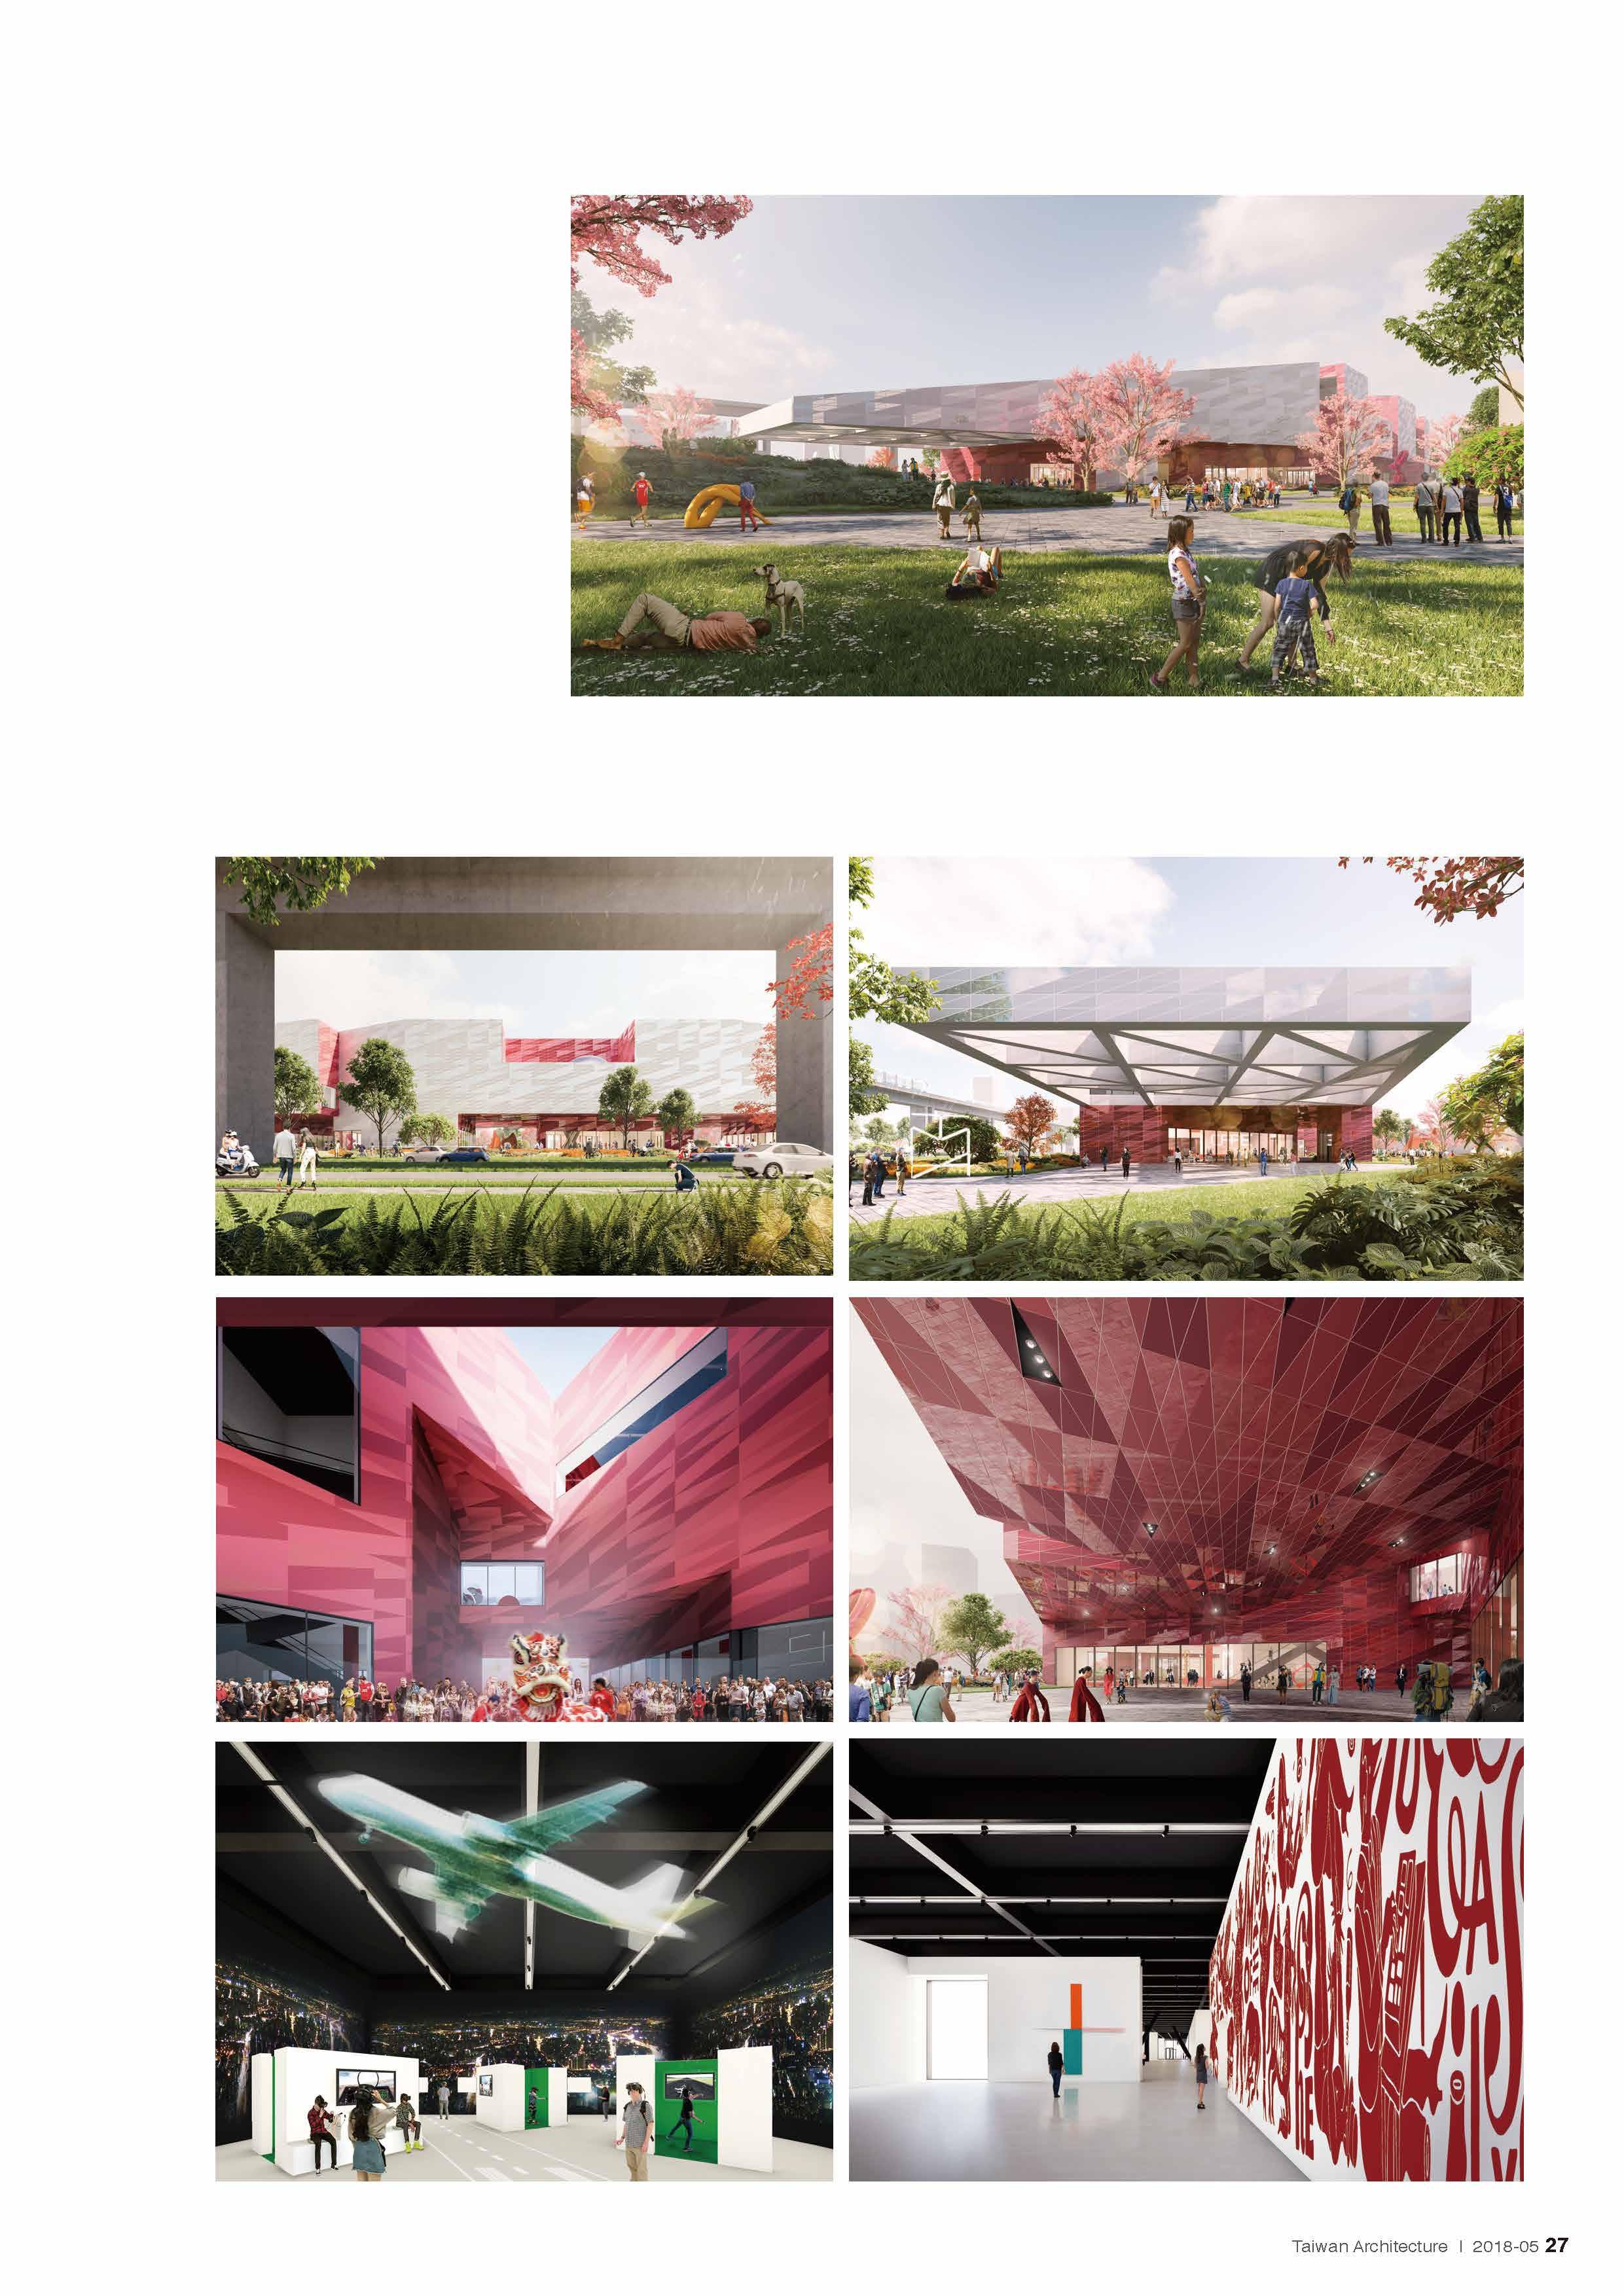 2018-TA-5月號-桃園美術館競圖_頁面_11.jpg